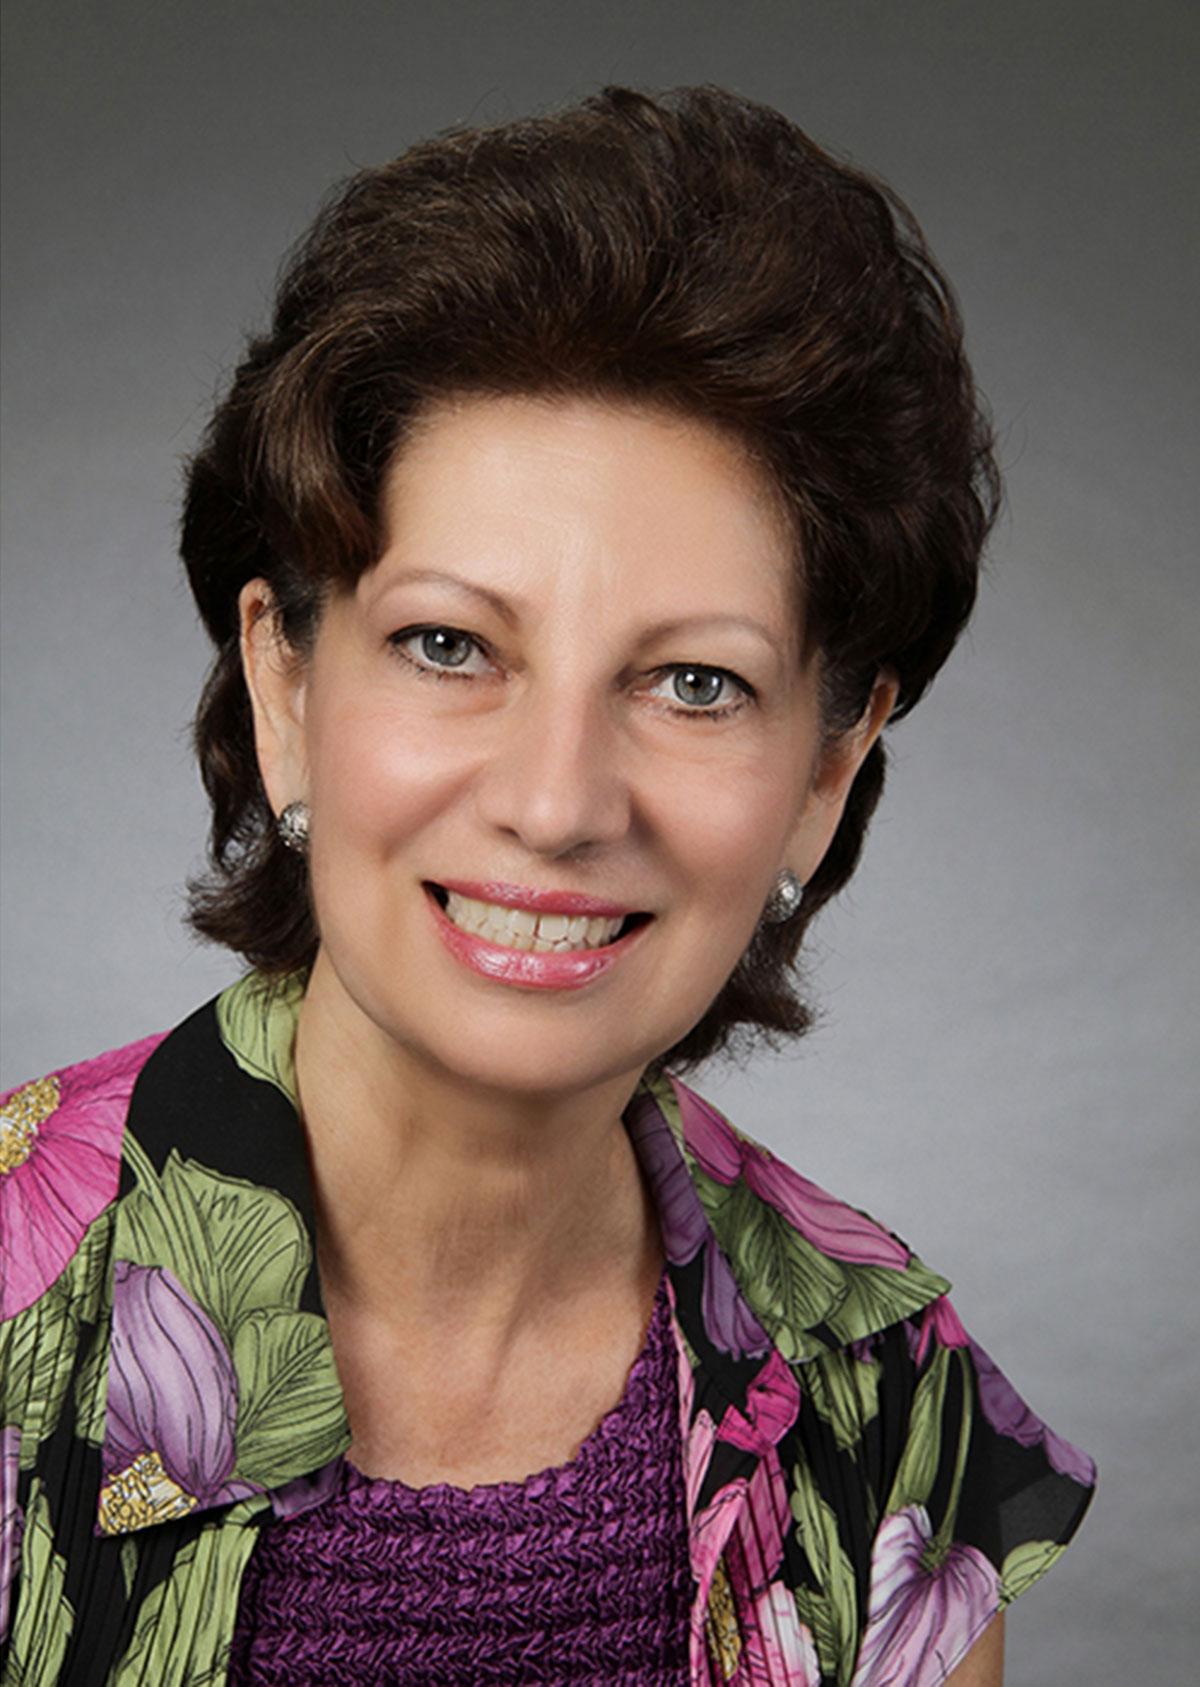 Linda Saccoman